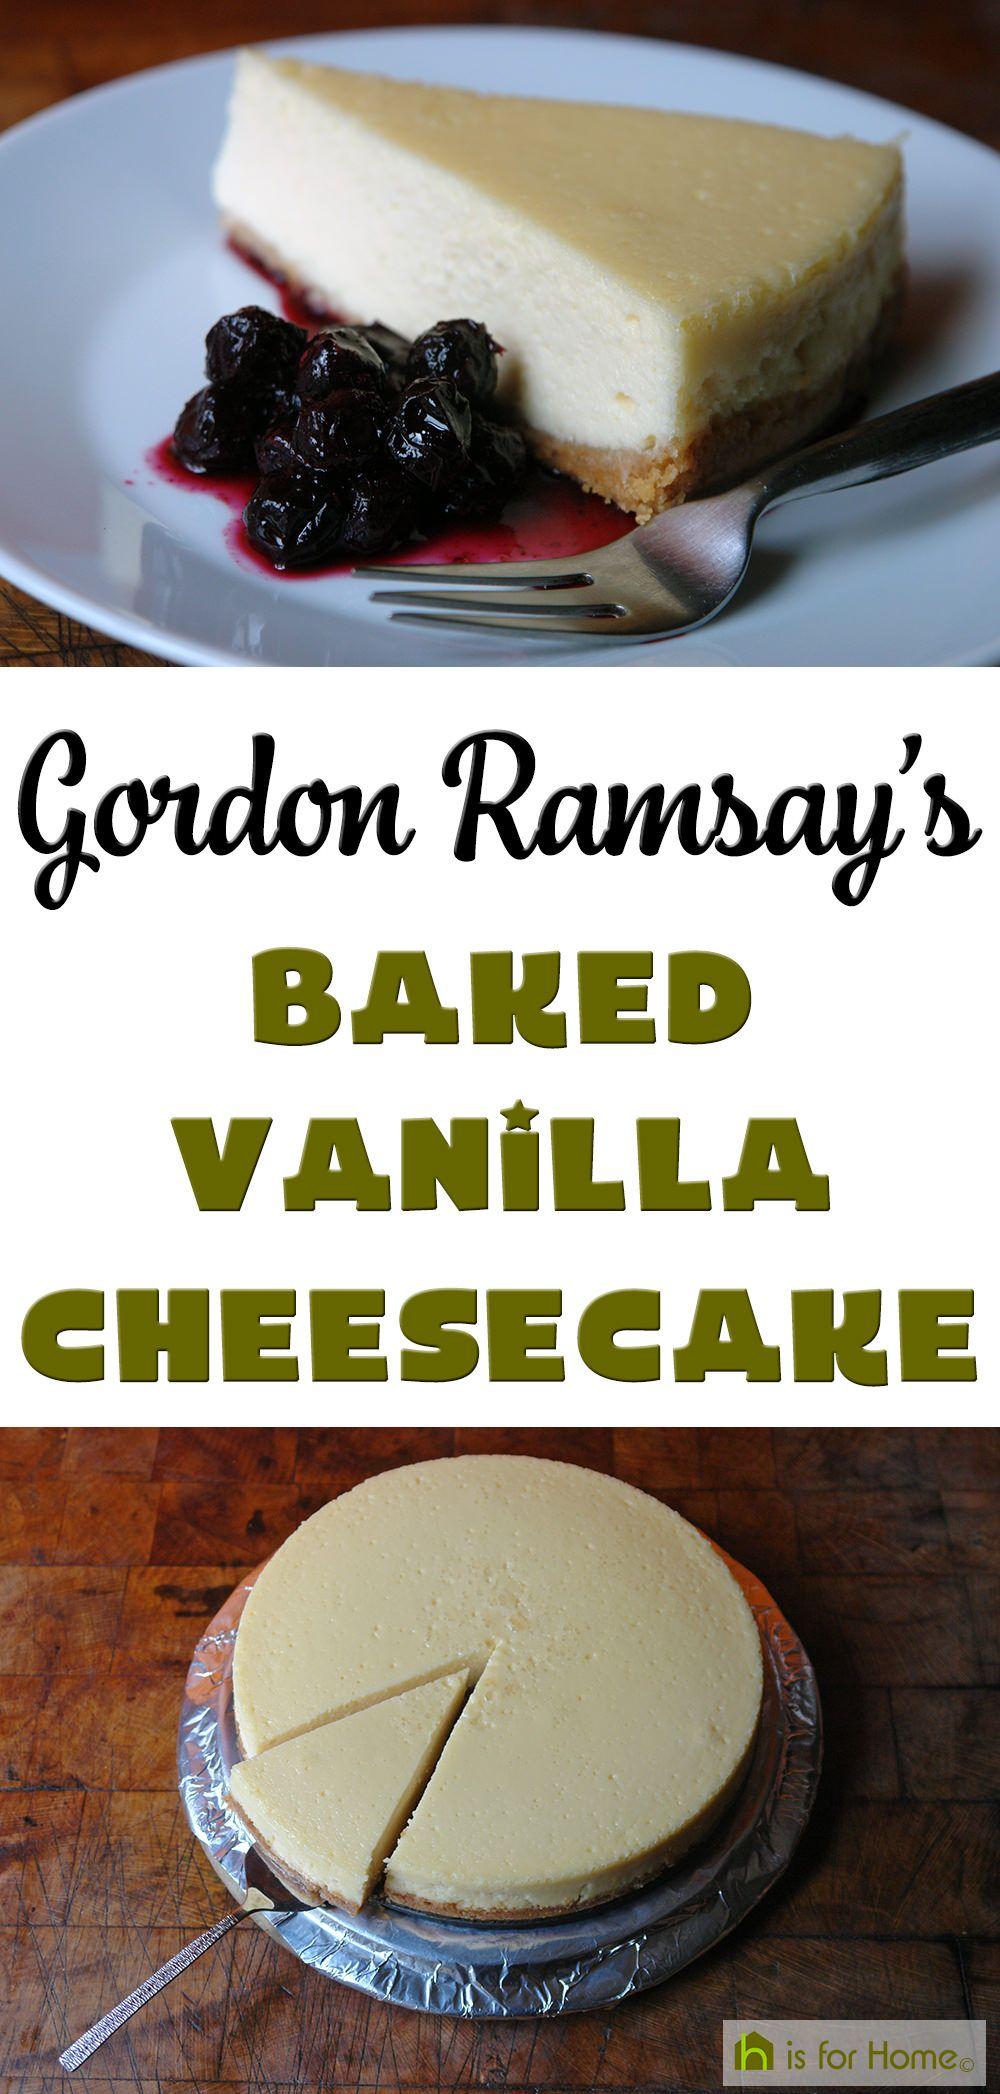 Gordon Ramsay's Baked Vanilla Cheesecake #cheesecake #recipe #bakedcheesecake #vanillacheesecake #newyorkcheesecake